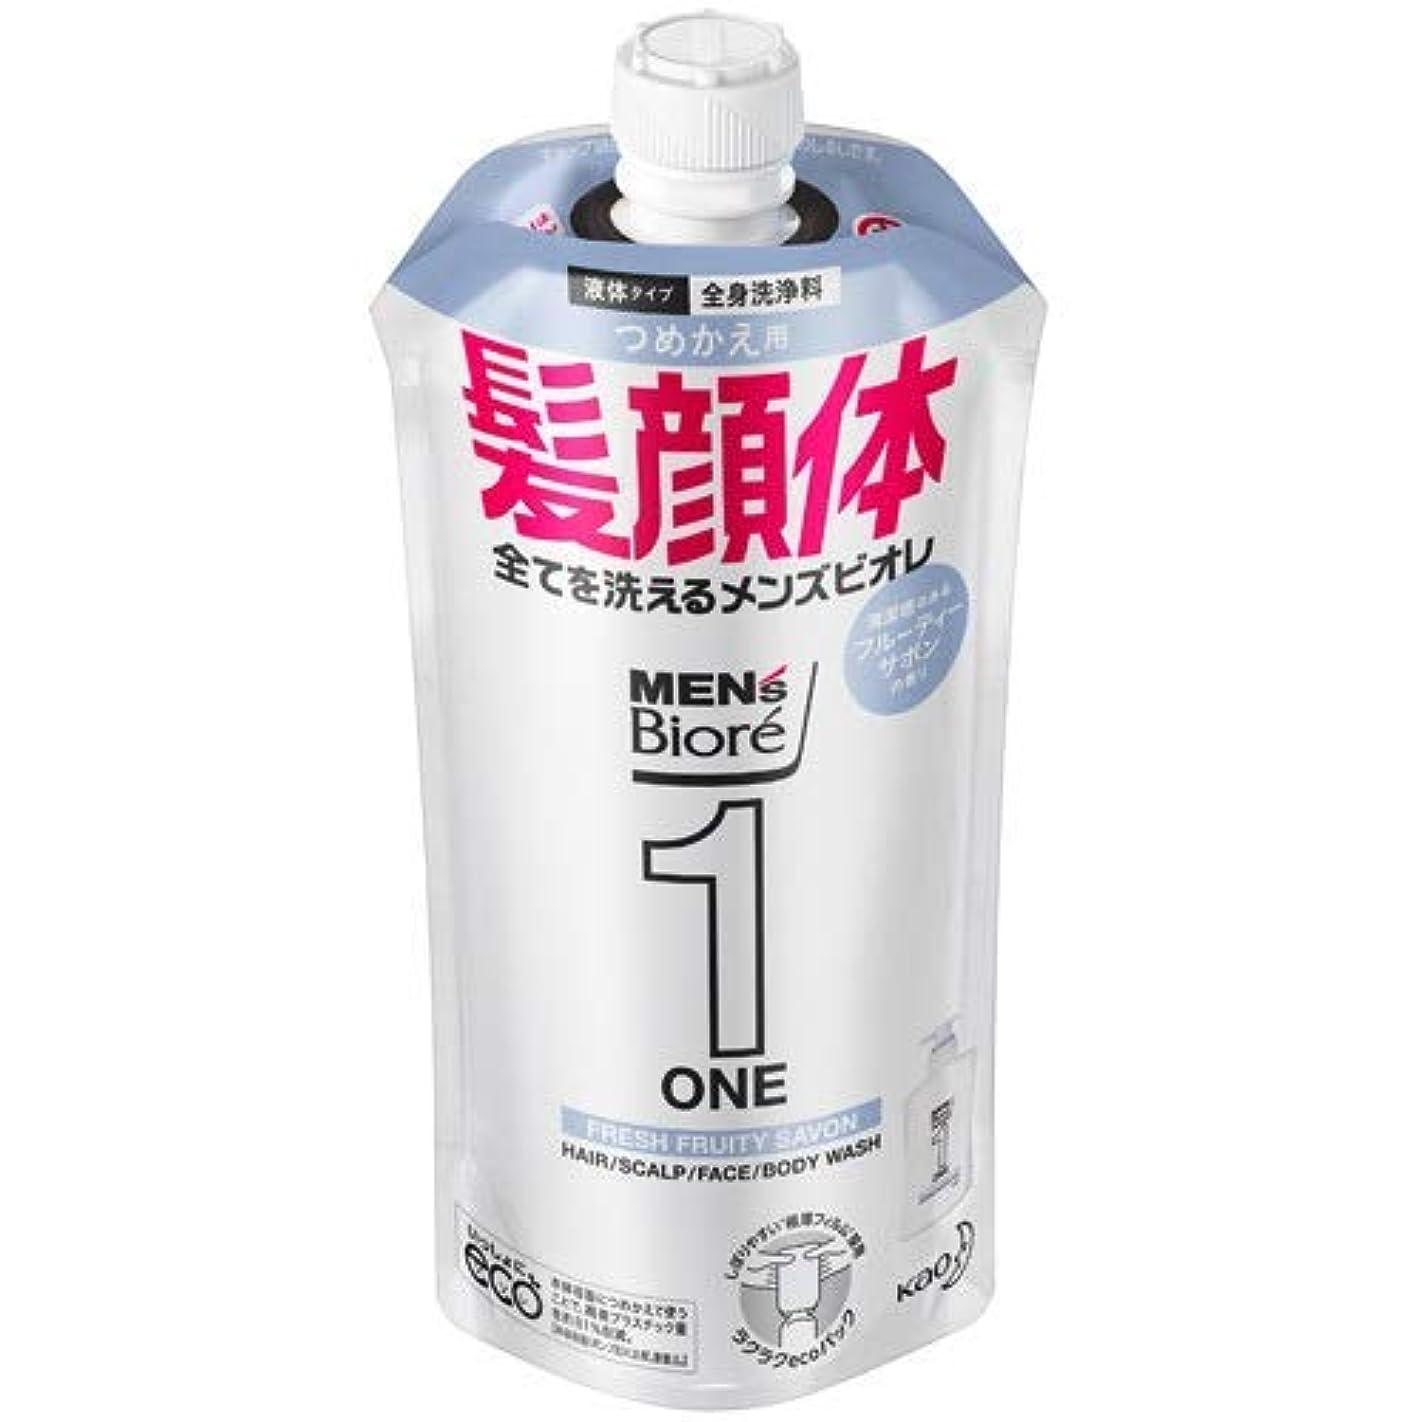 脚本家昇進ディベート【10個セット】メンズビオレONE オールインワン全身洗浄料 清潔感のあるフルーティーサボンの香り つめかえ用 340mL